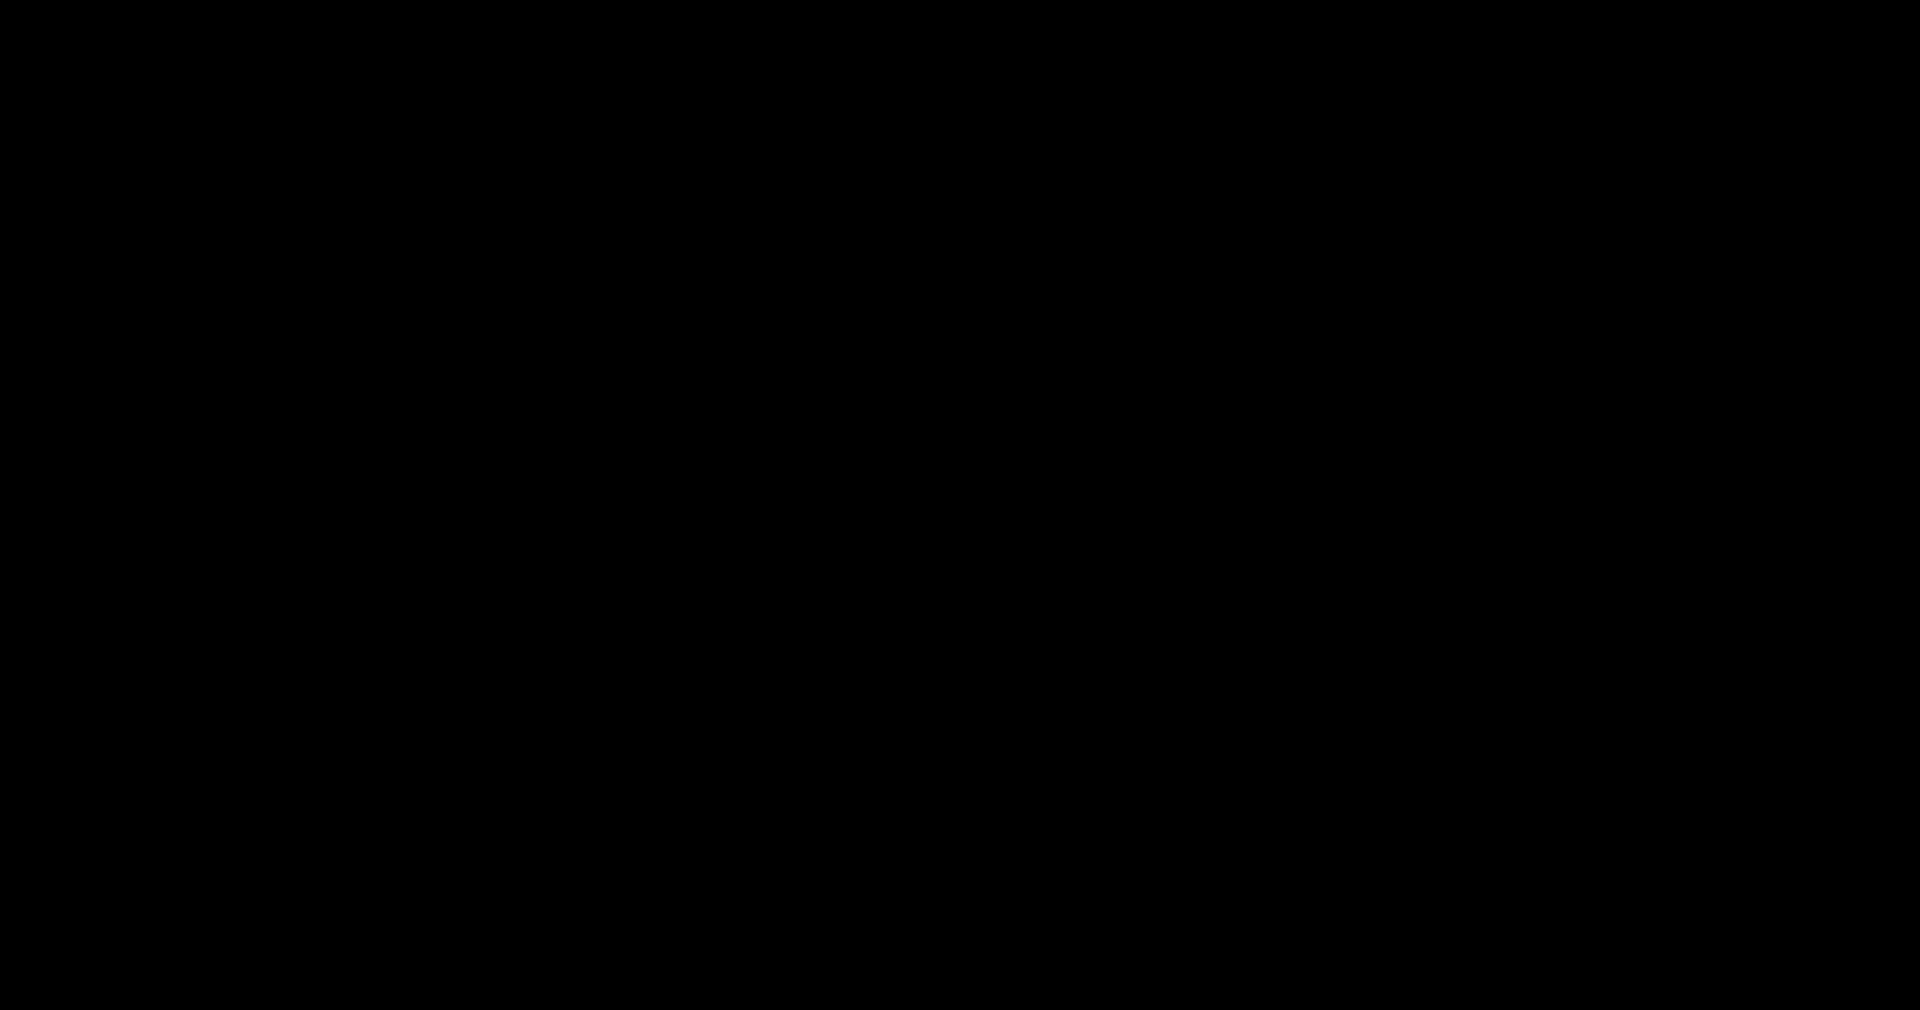 天野弓彦の画像 p1_39